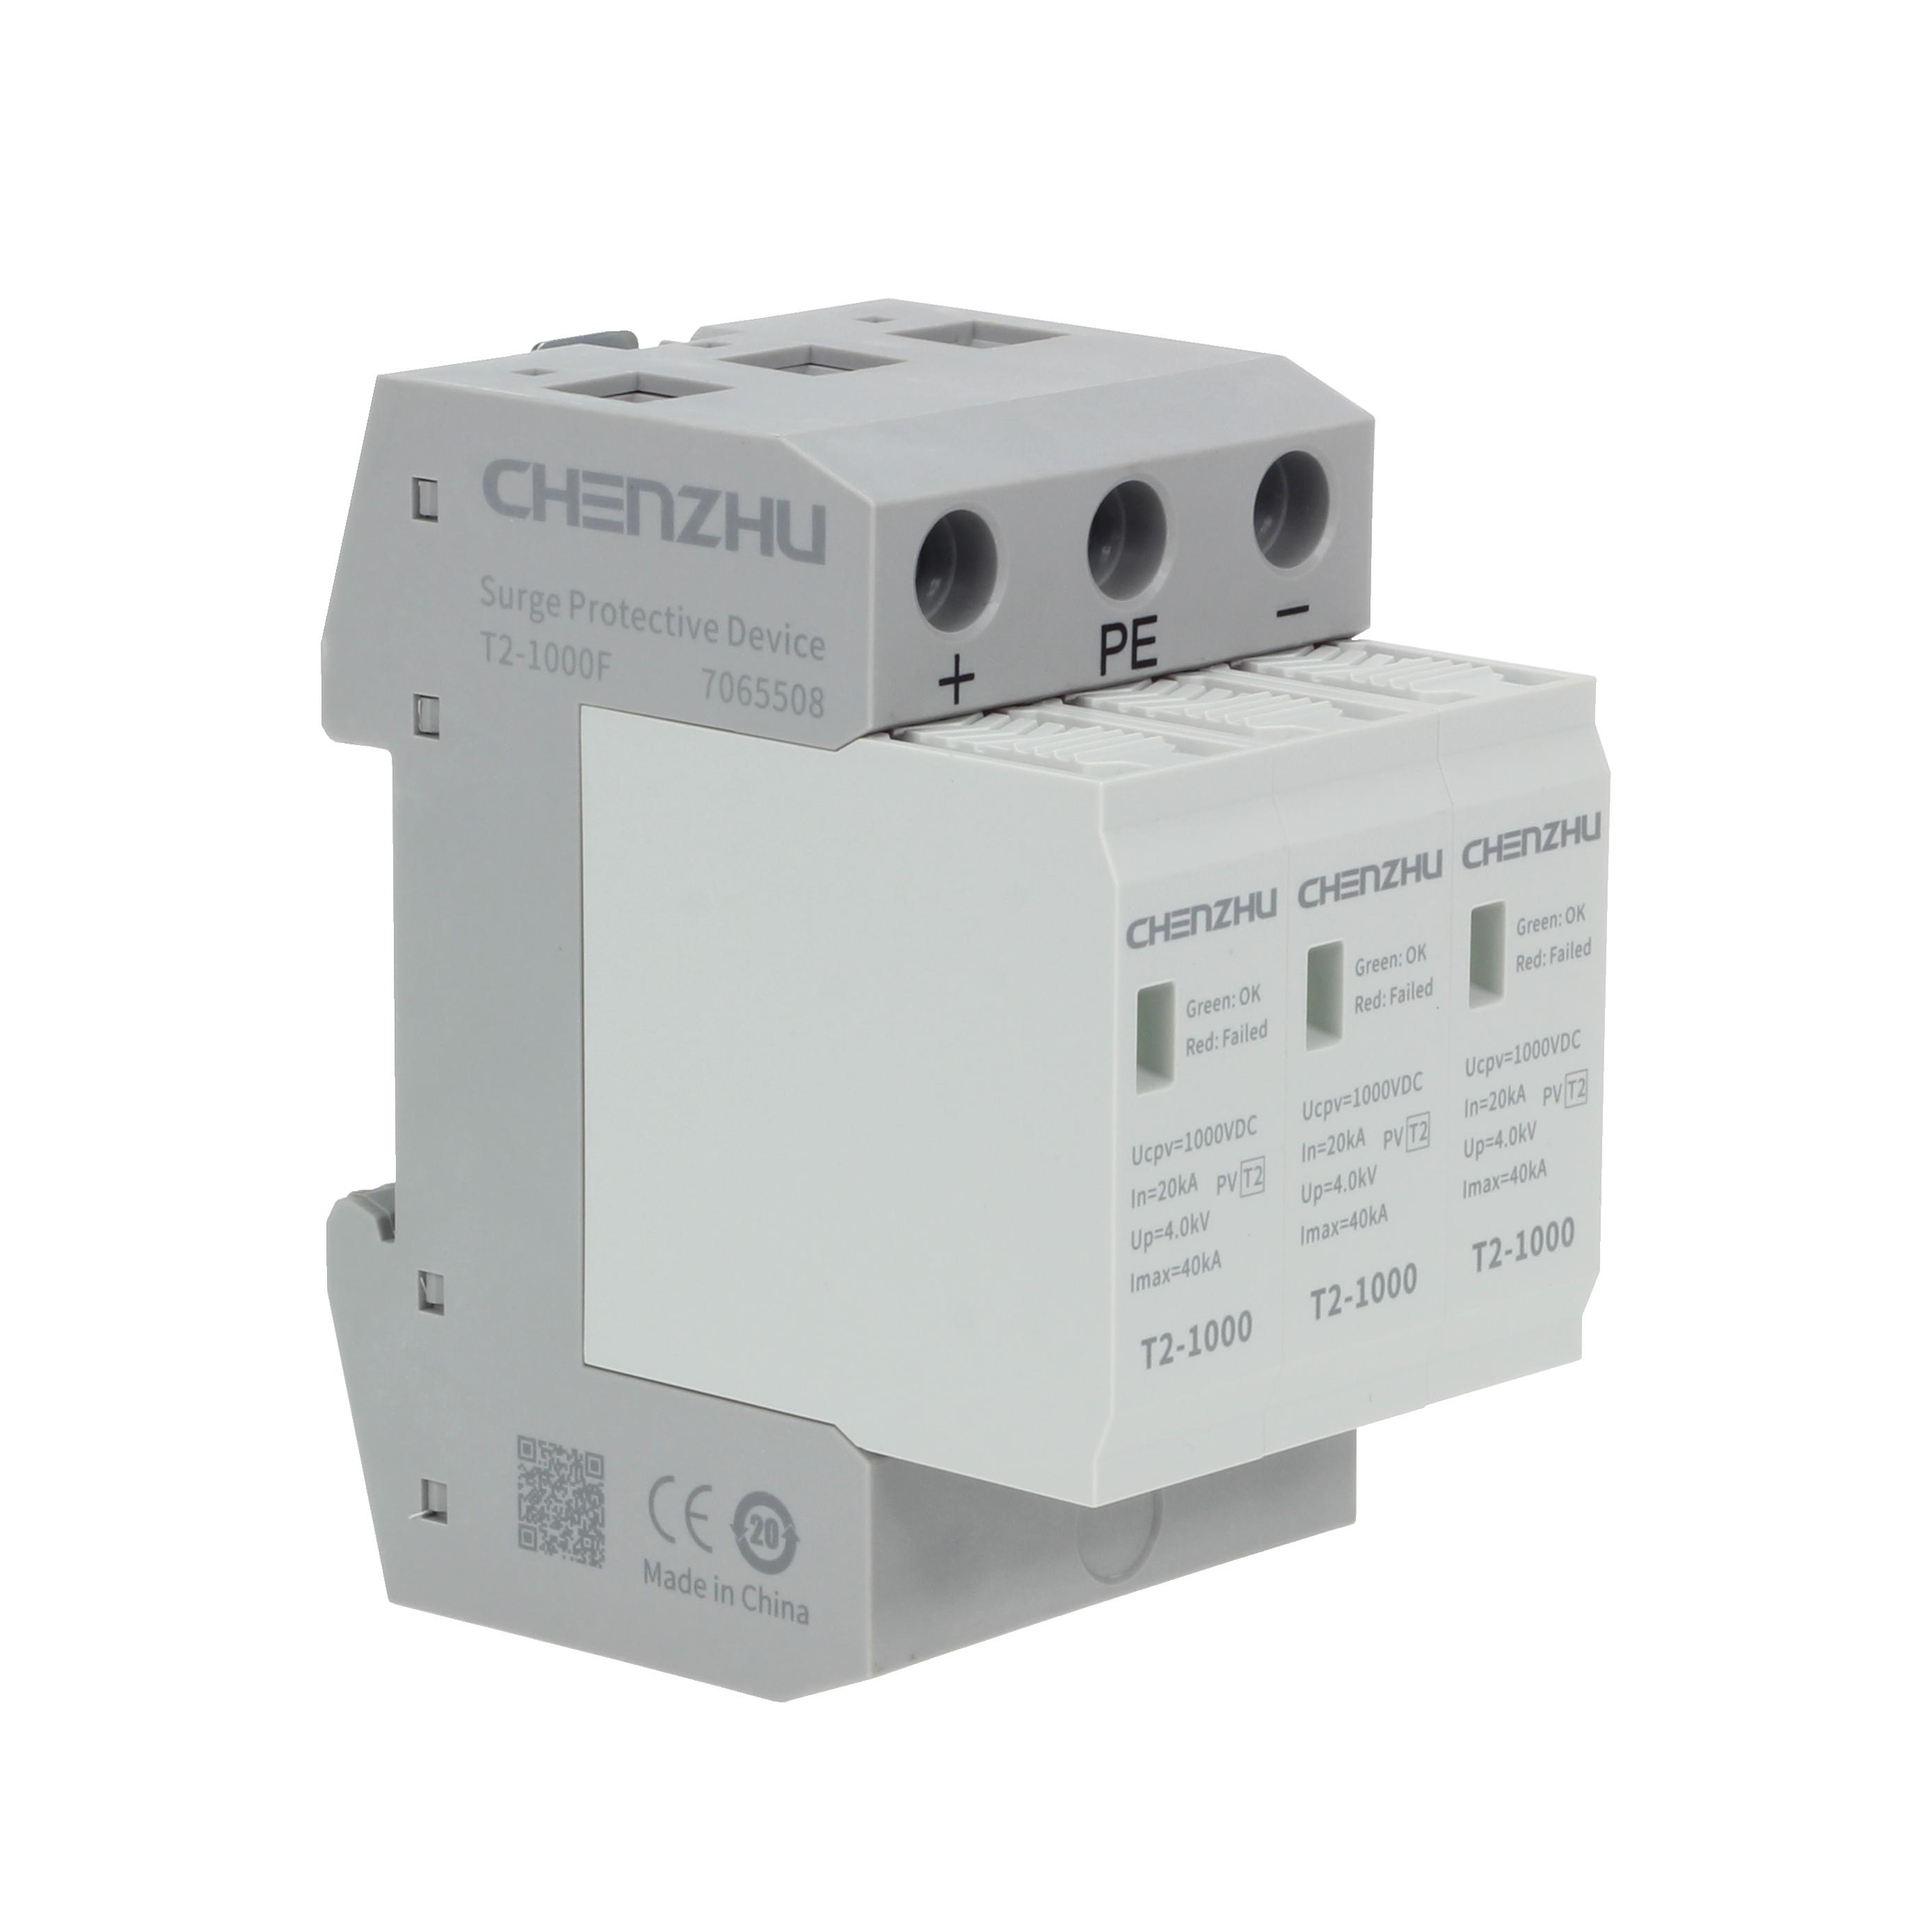 DC power SPD (1000VDC ) 7048305